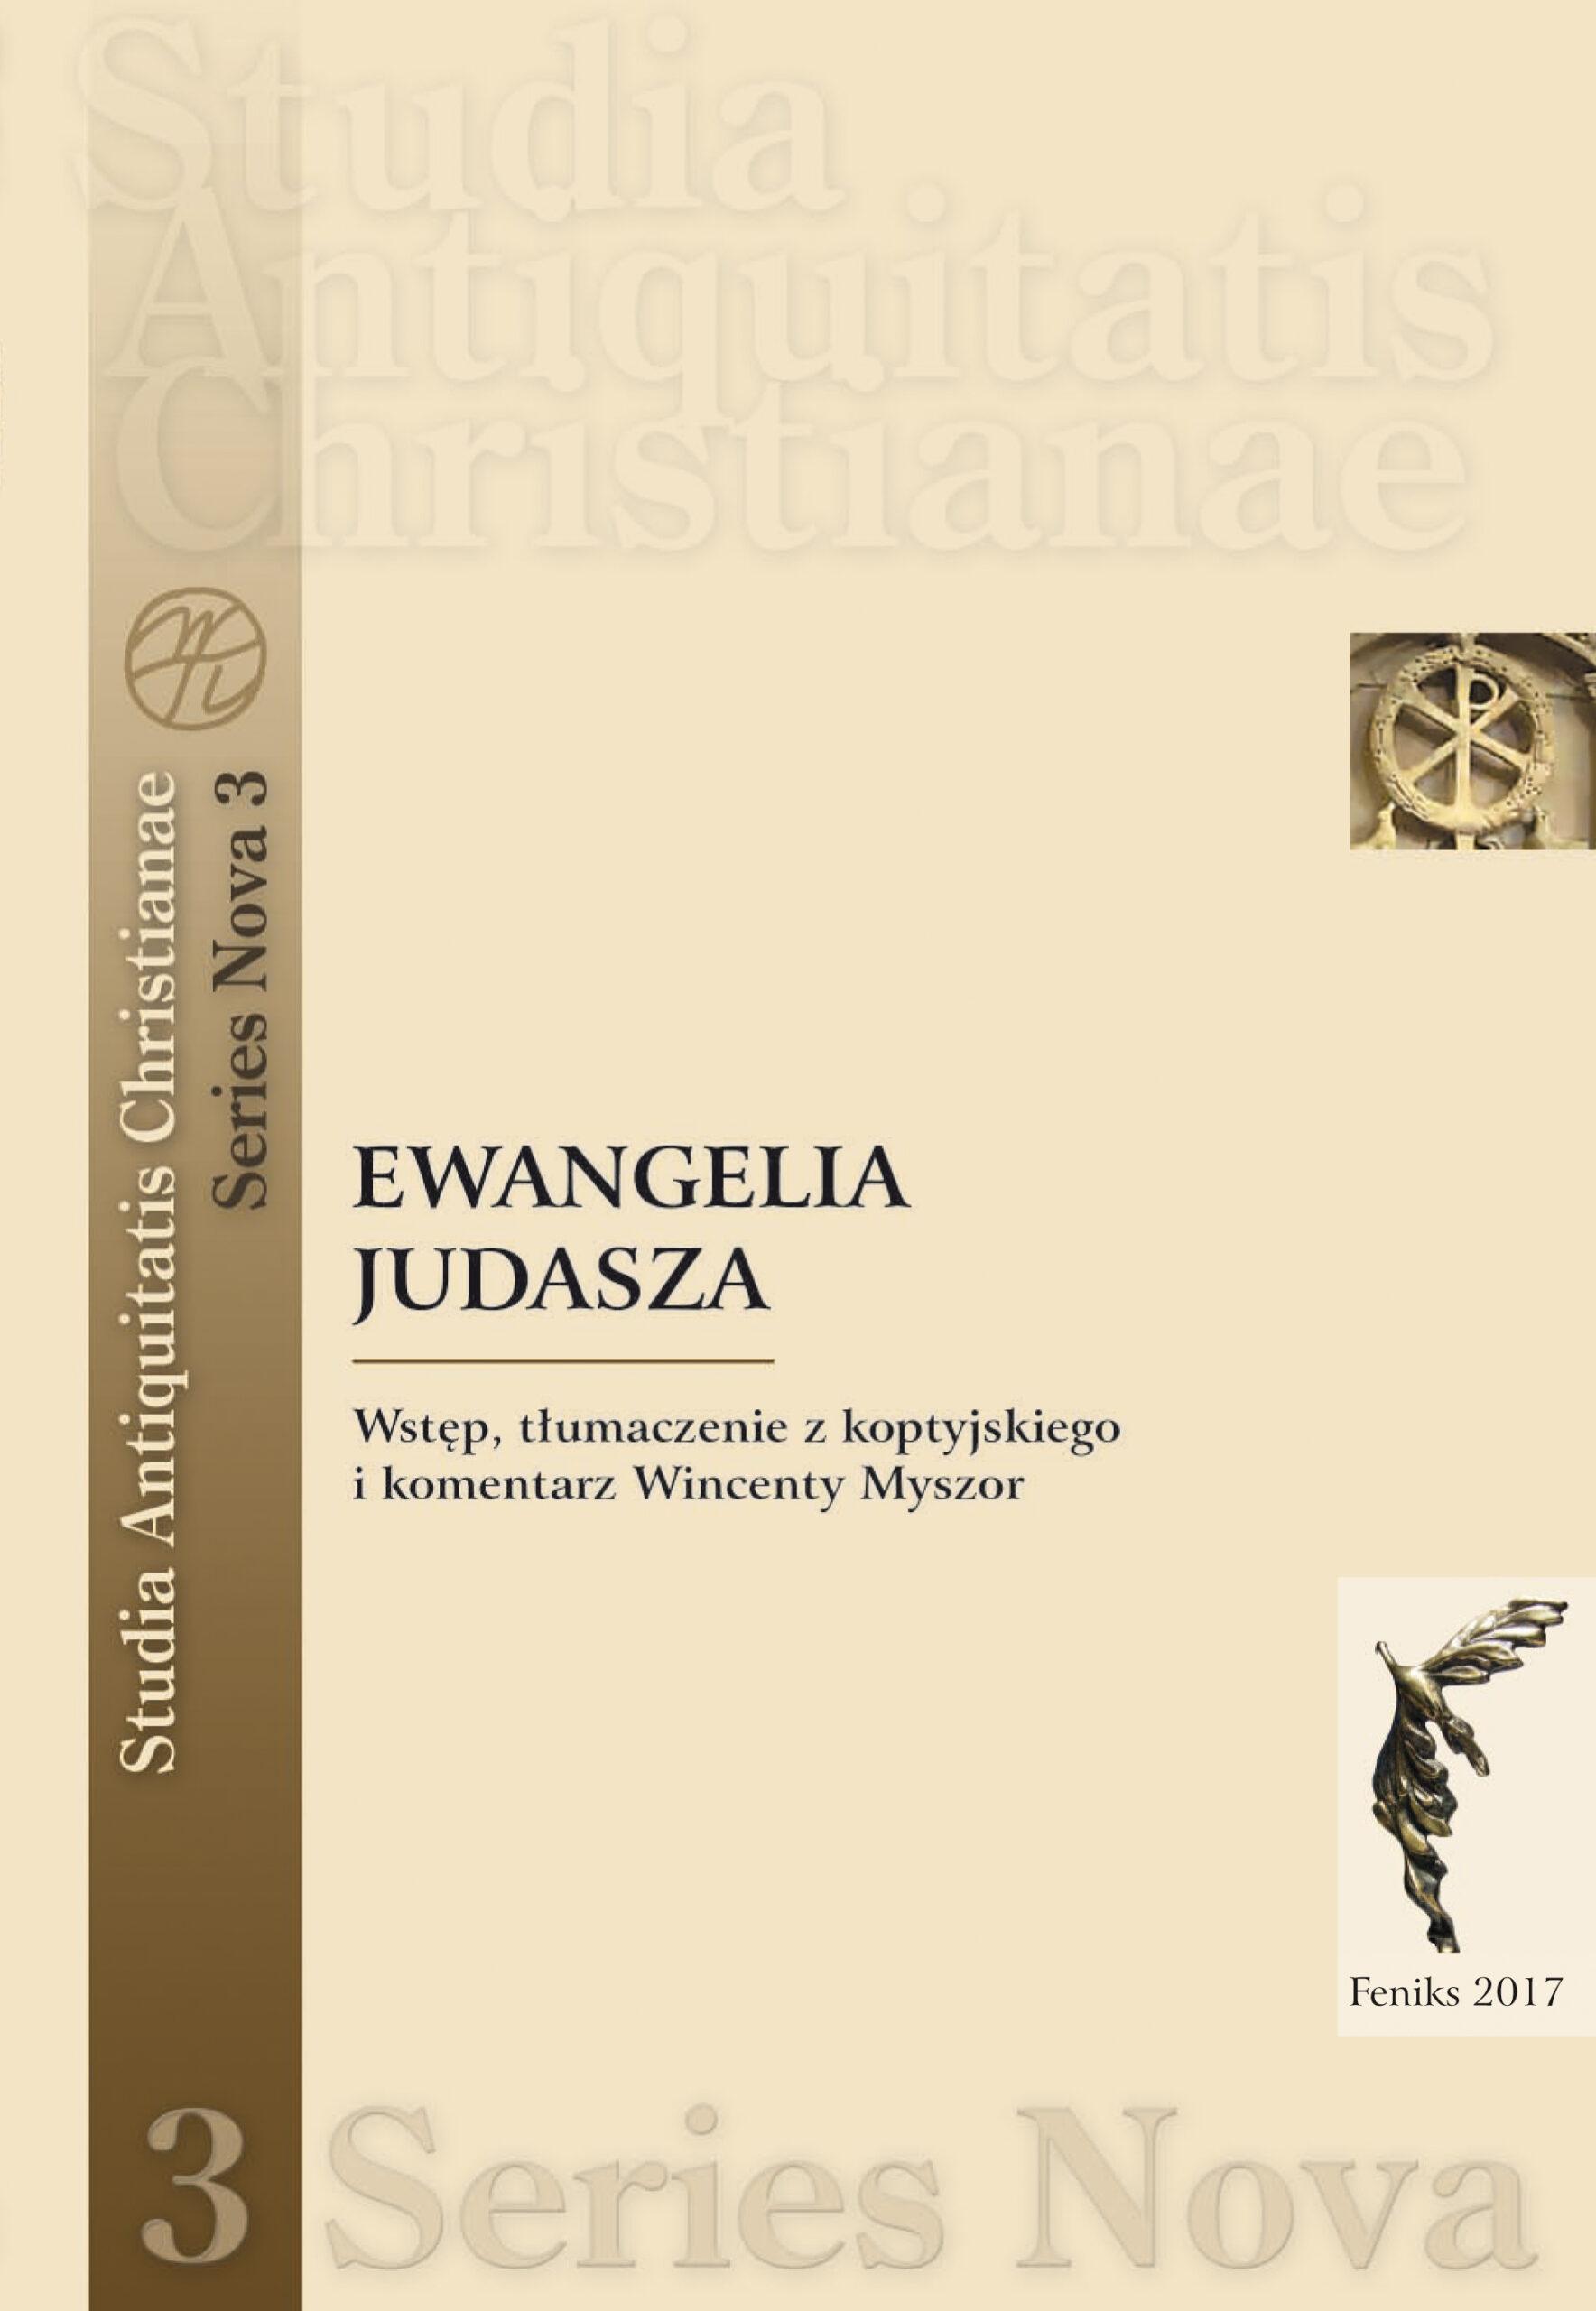 Ewangelia Judasza